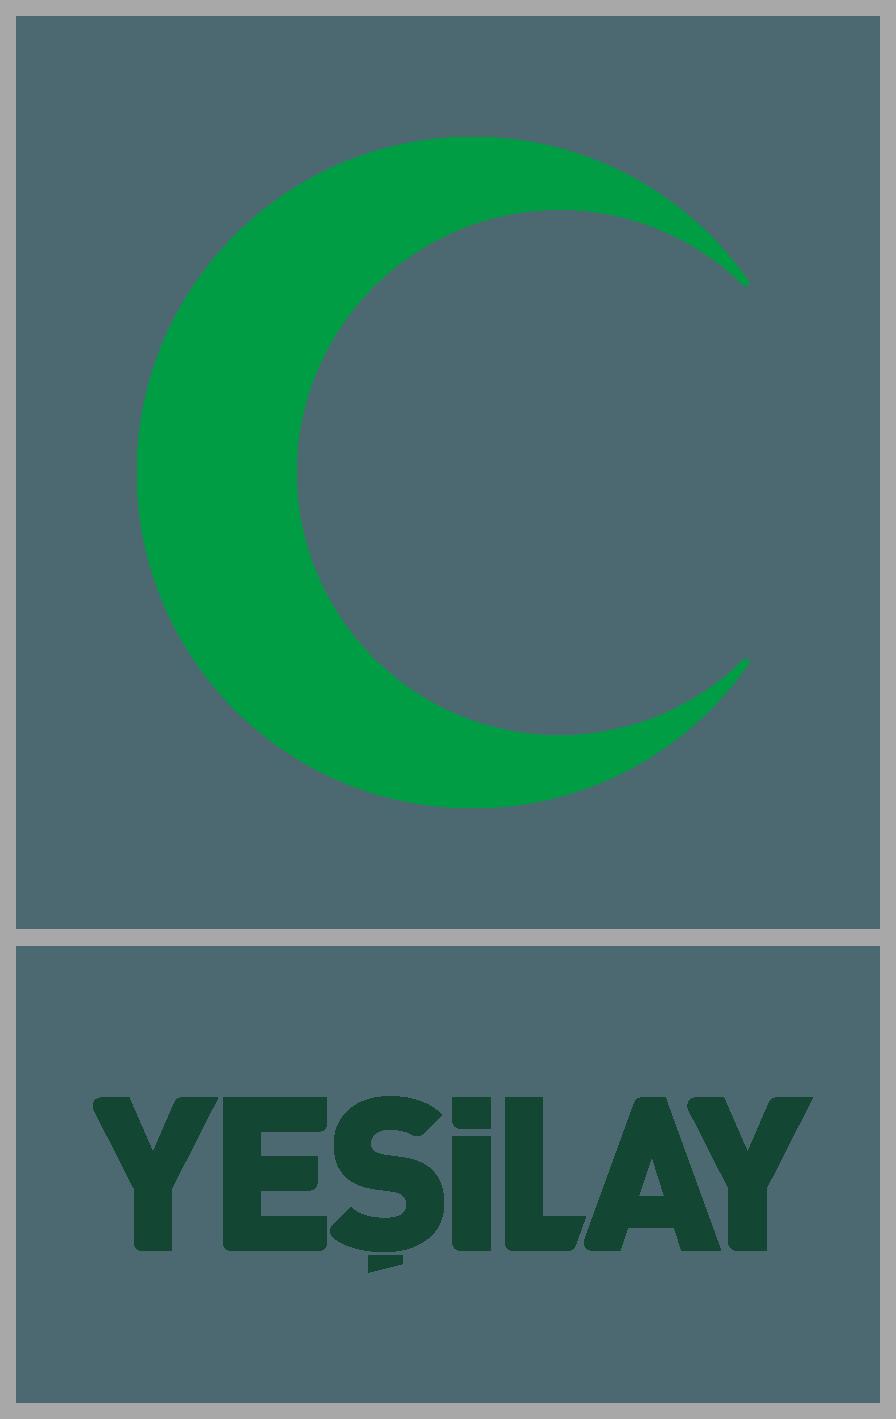 Türkiye Yeşilay Cemiyeti Logo [yesilay.org.tr] png